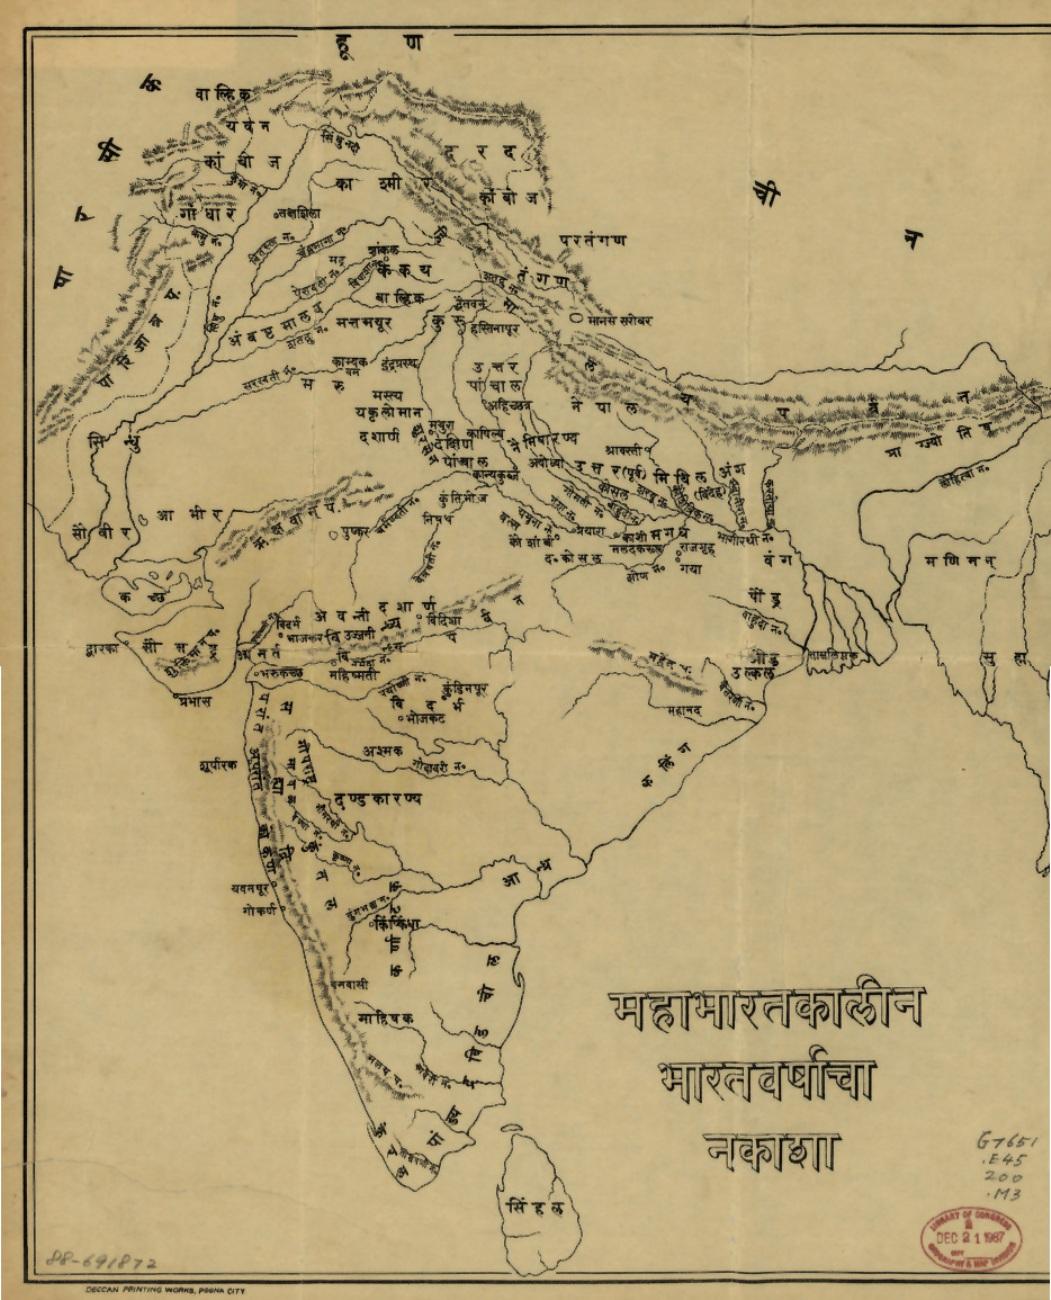 https://sushantskoltey.files.wordpress.com/2010/03/mahabharata_bharatvarsh.jpg